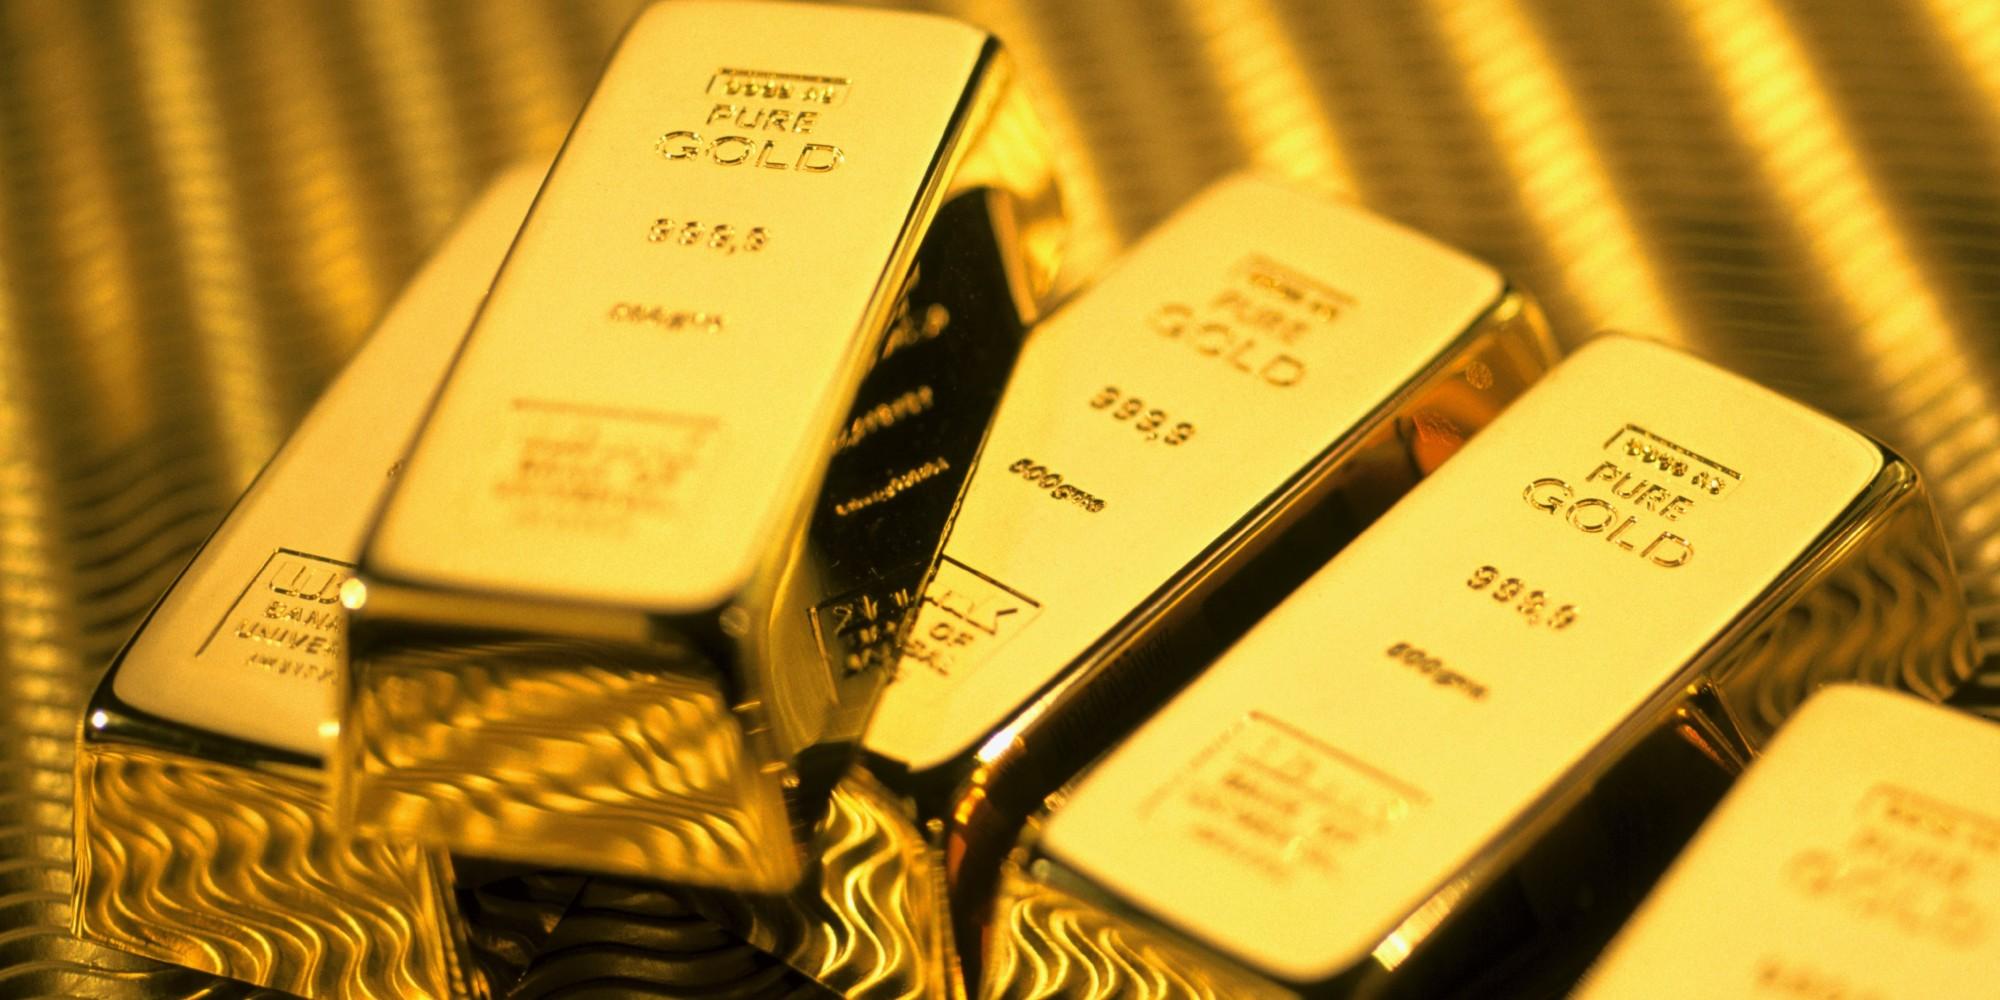 الذهب يستقر بالقرب من أعلى مستوى خلال 3 أسابيع